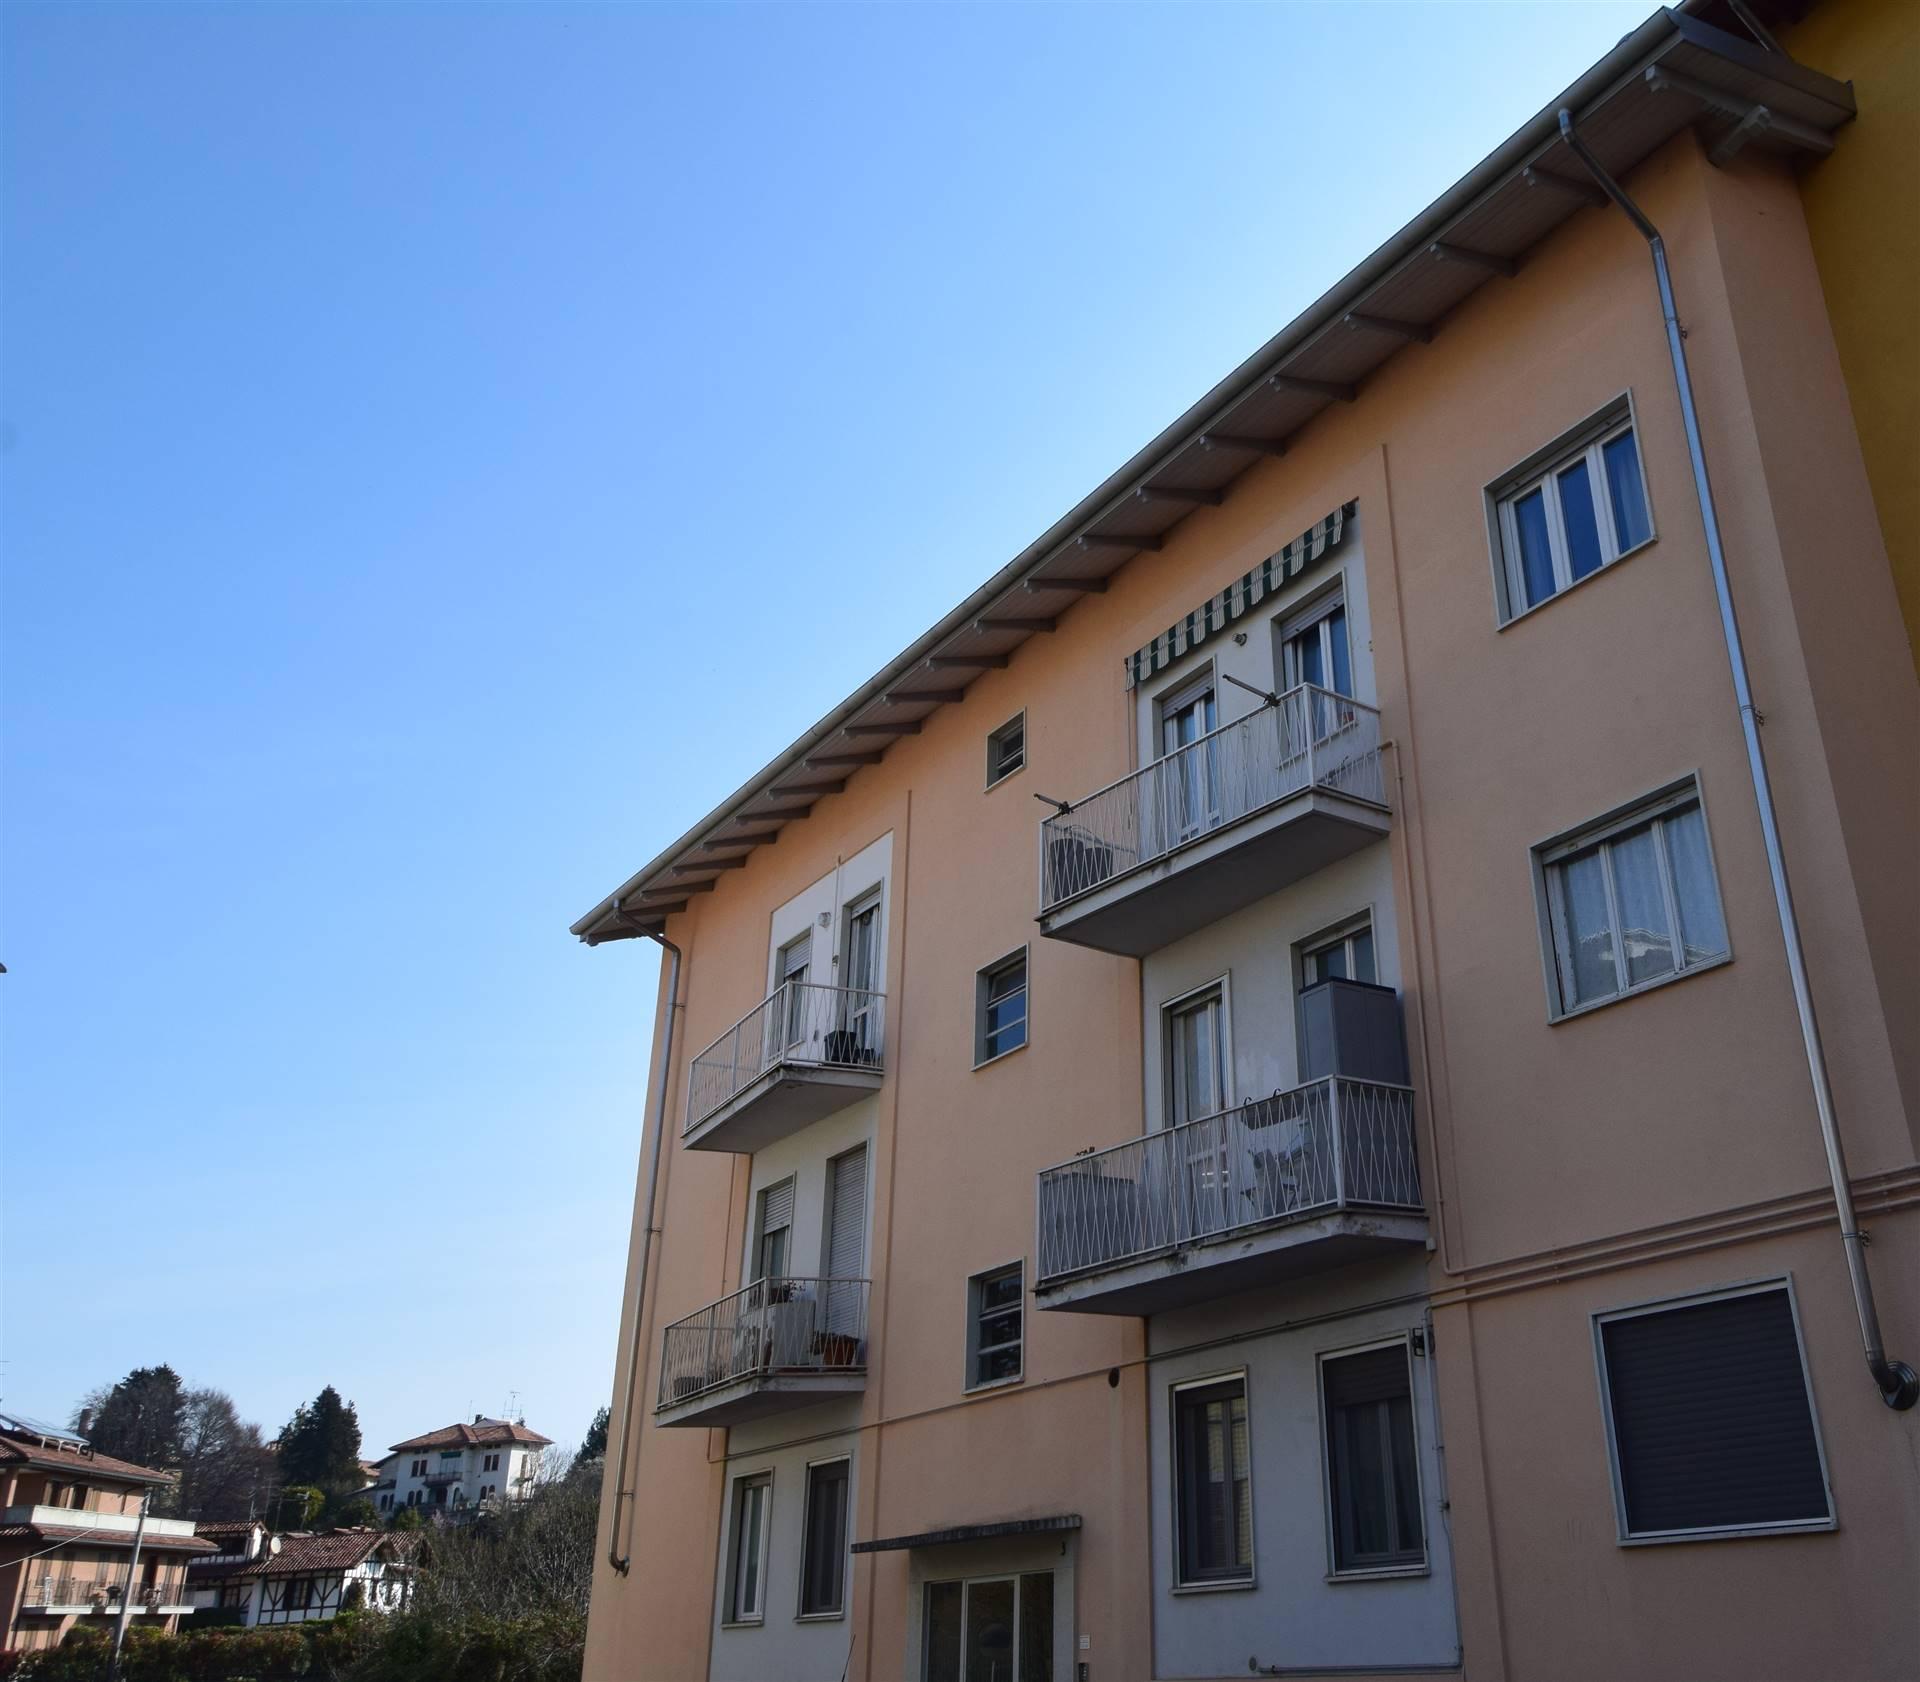 Appartamento in vendita a Biella, 5 locali, zona centro, prezzo € 109.000 | PortaleAgenzieImmobiliari.it